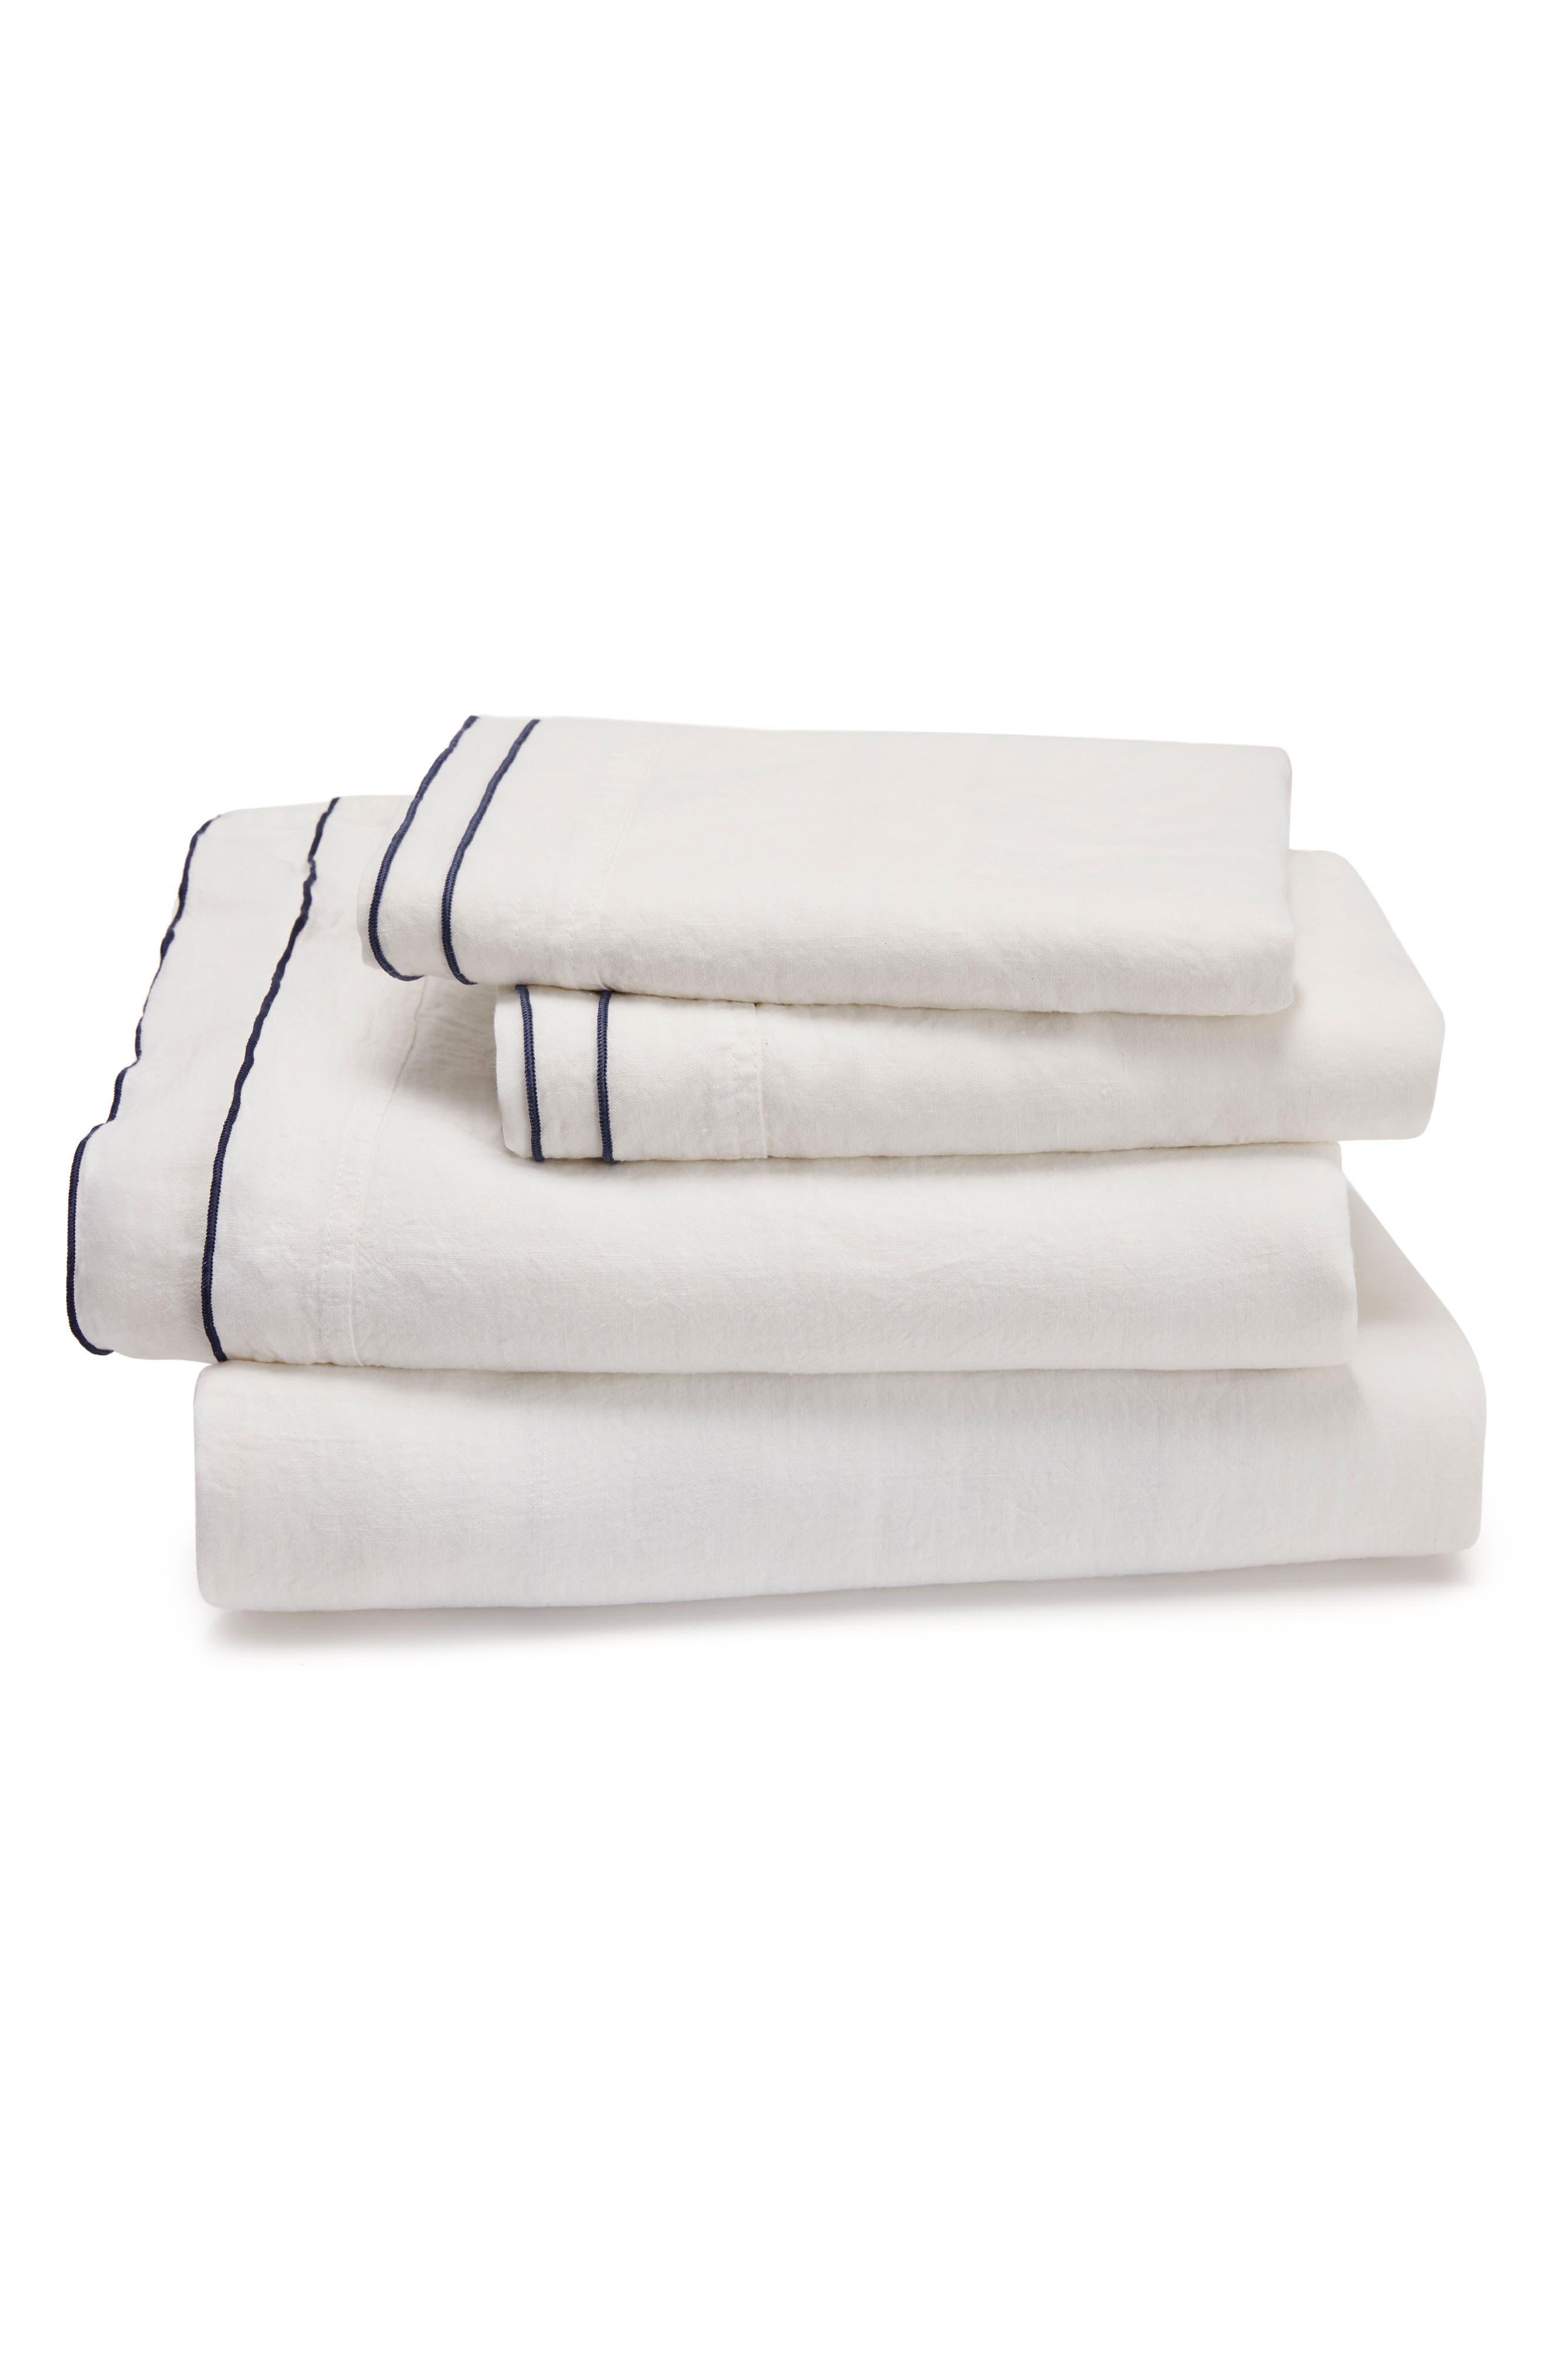 KASSATEX Biarritz Linen 300 Thread Count Flat Sheet